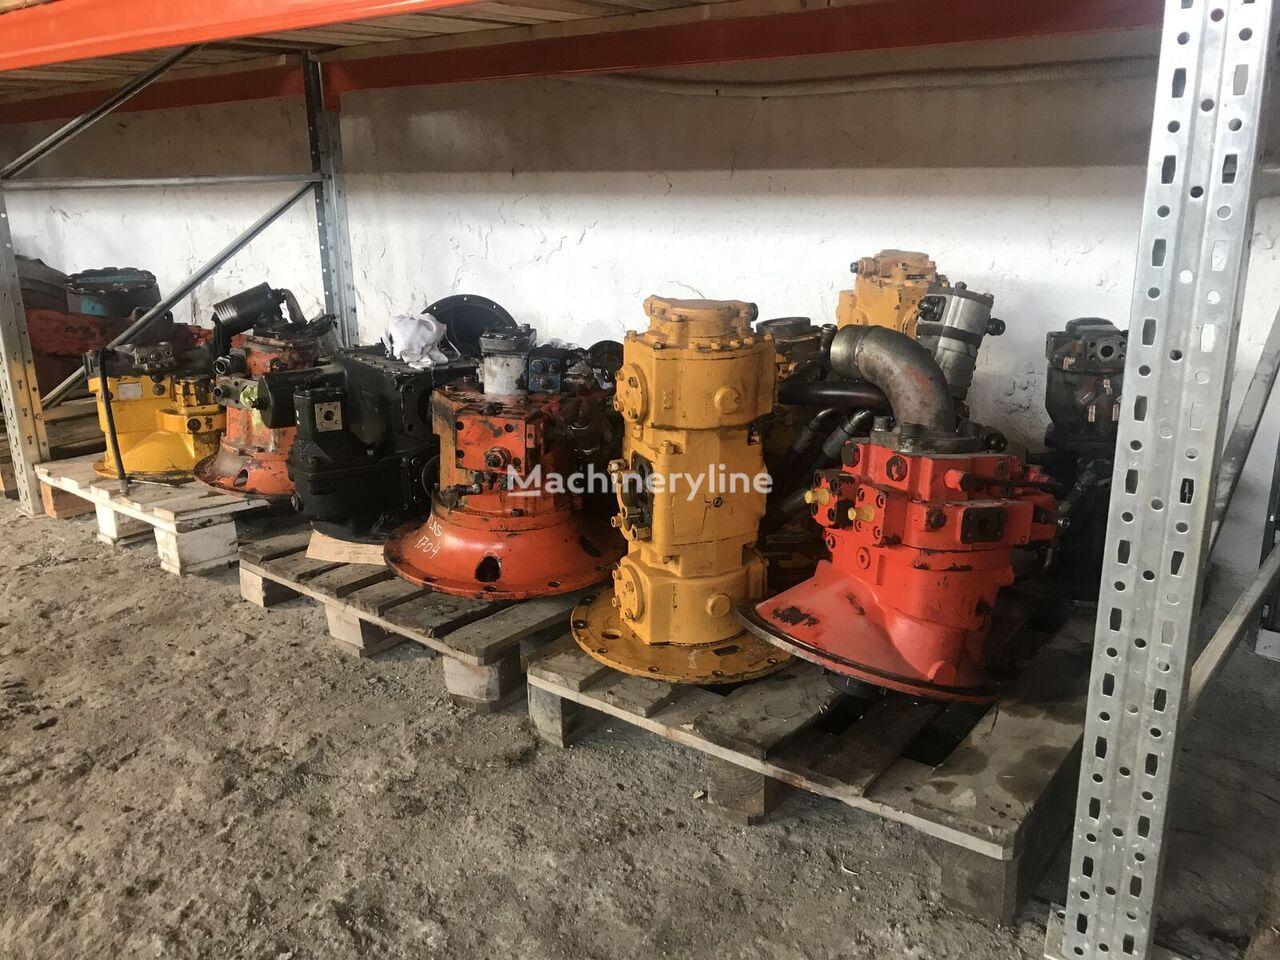 LIEBHERR LPVD 64 hydraulic pump for LIEBHERR 900 LITRONIK excavator